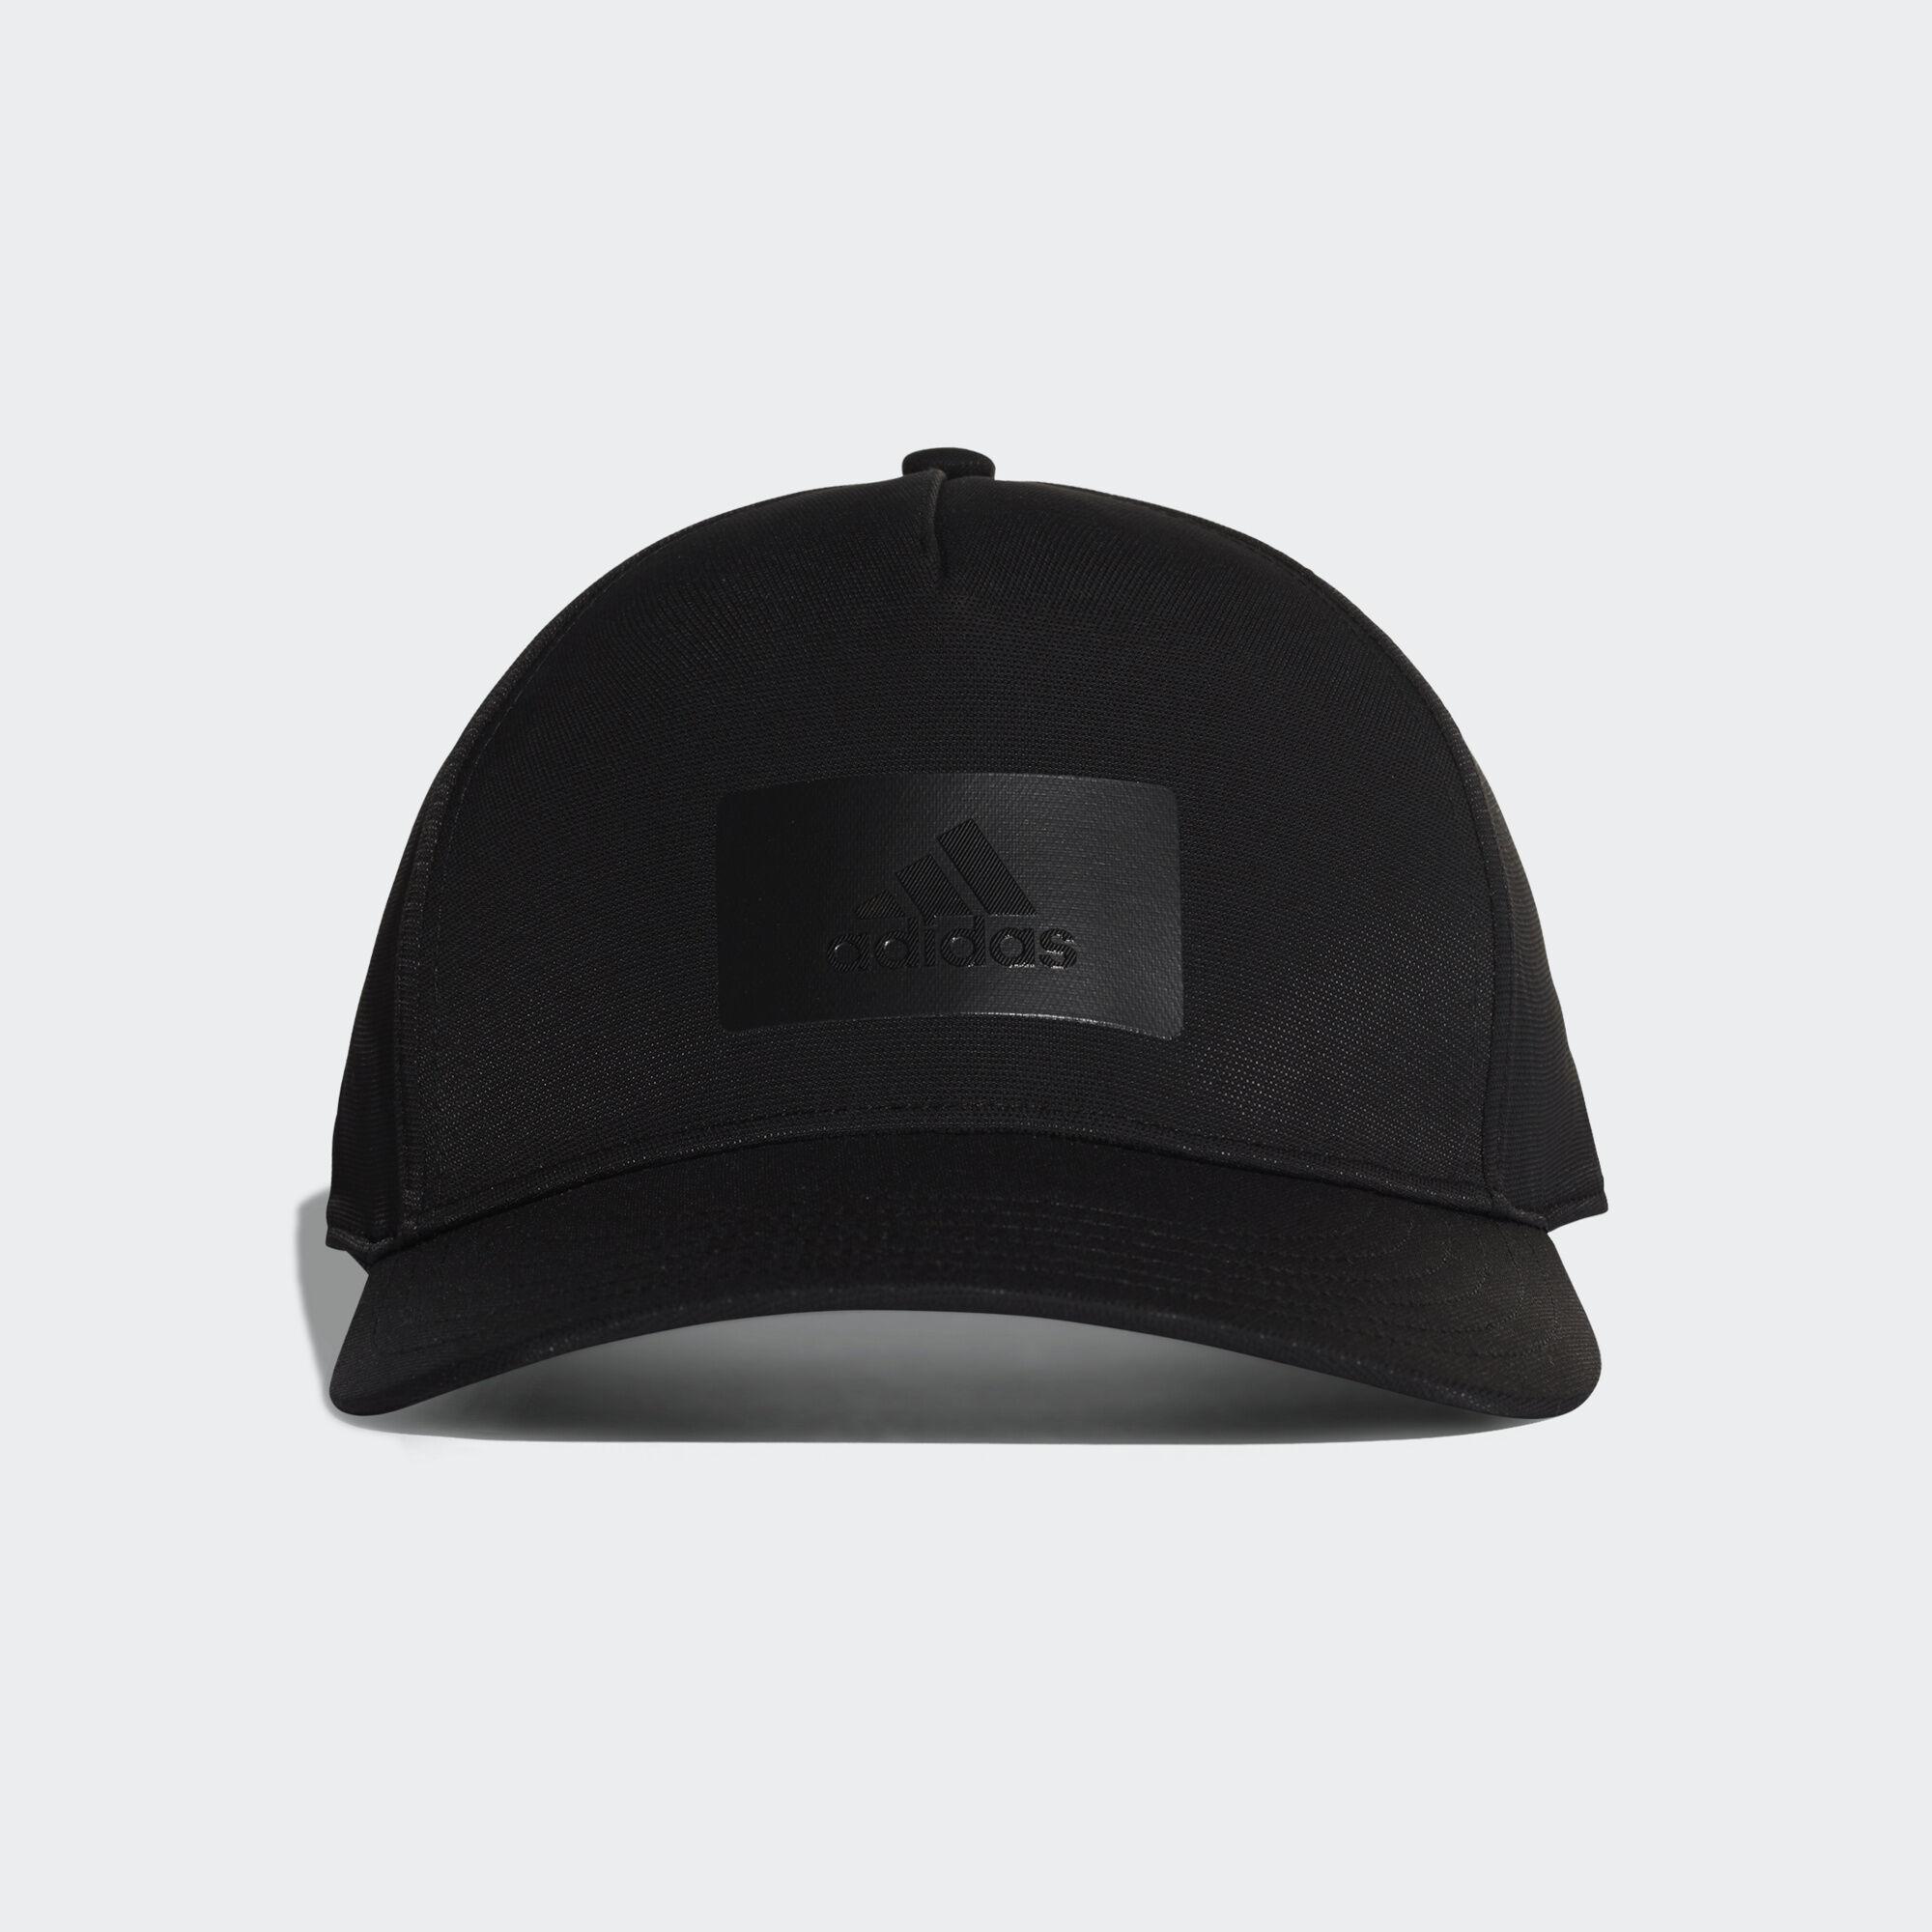 adidas - adidas Z.N.E. Logo Cap S16 Black   Black   Black CY6049 e250f7ab67b